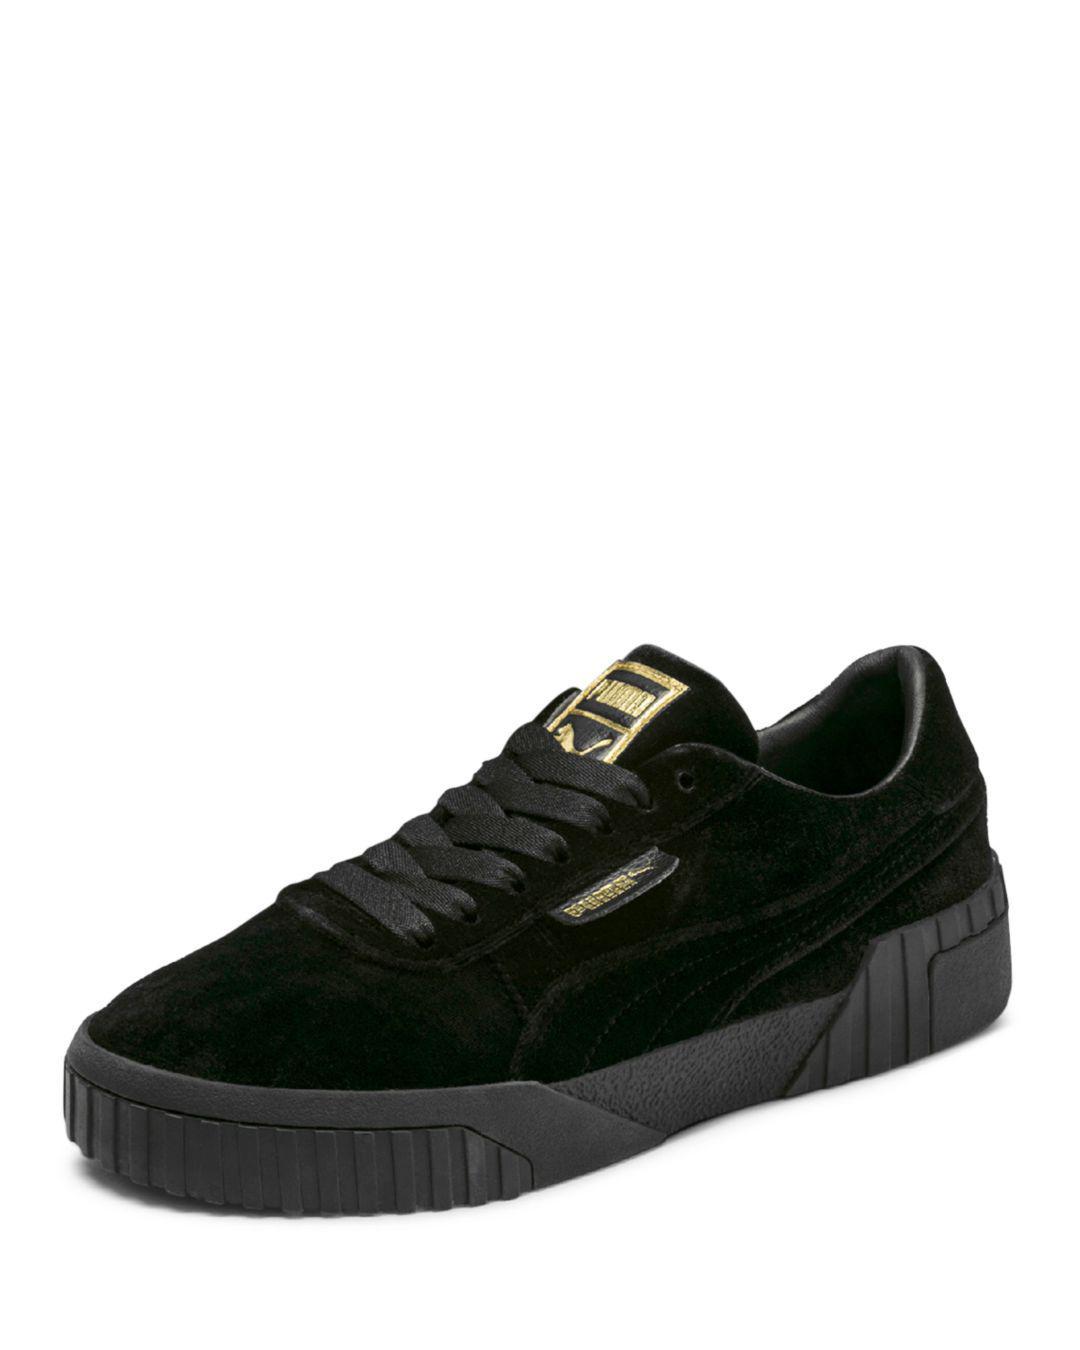 Lyst Velvet Sneakers Lilla Cali In Topp Puma Kvinner Black qqw67ag 1a43c203d